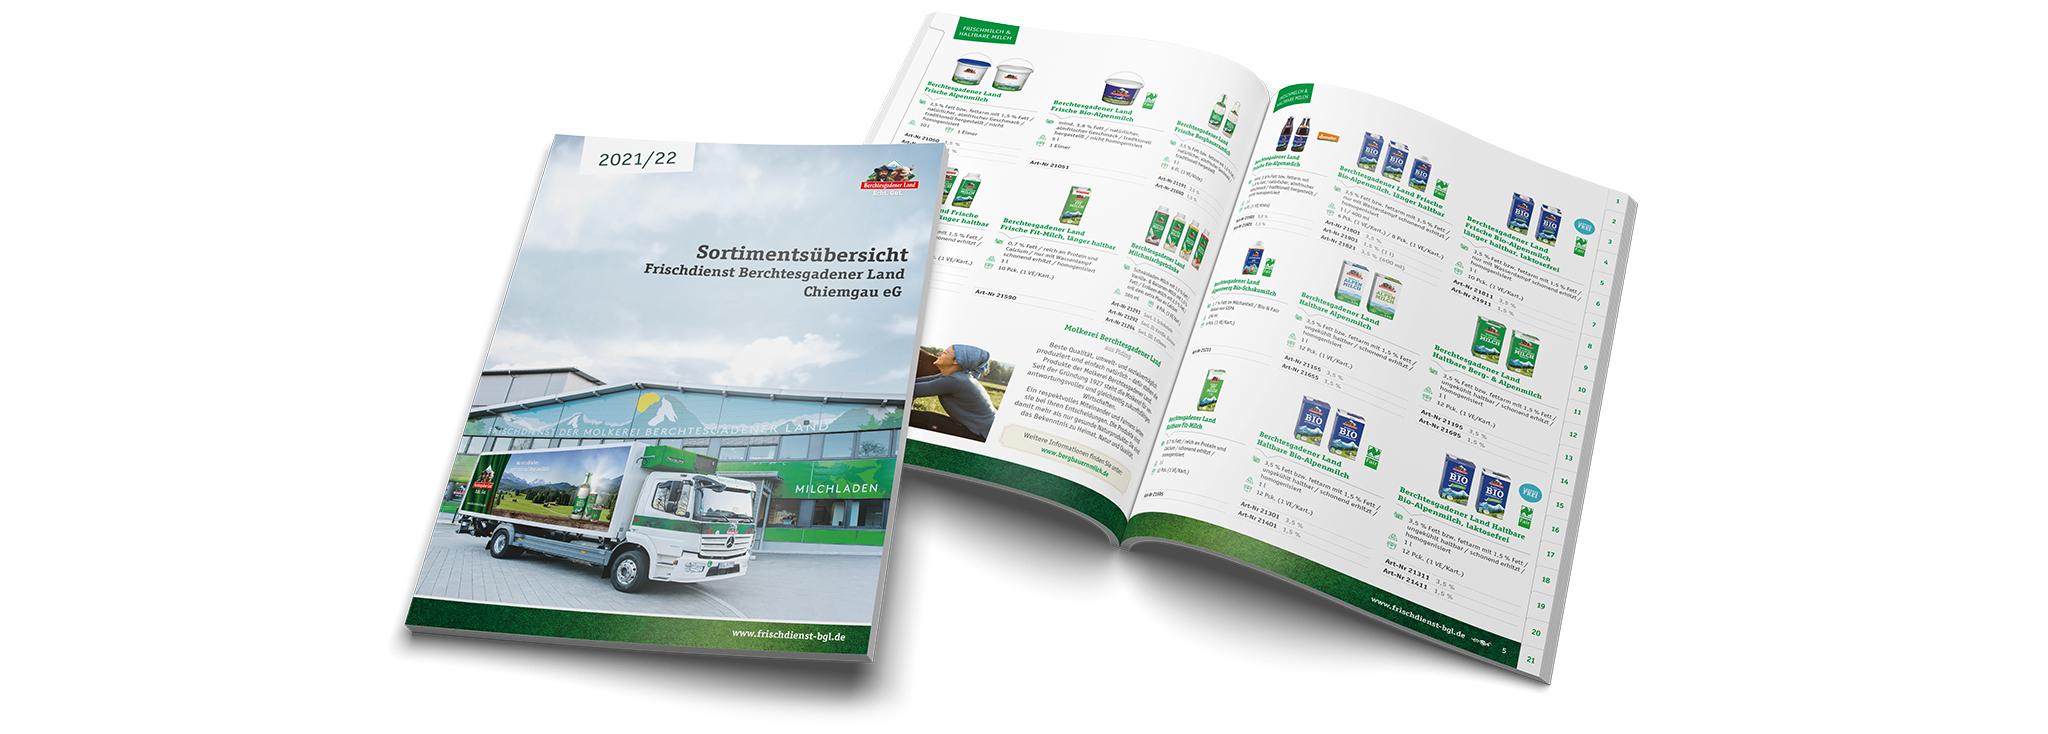 frischdienst-katalog